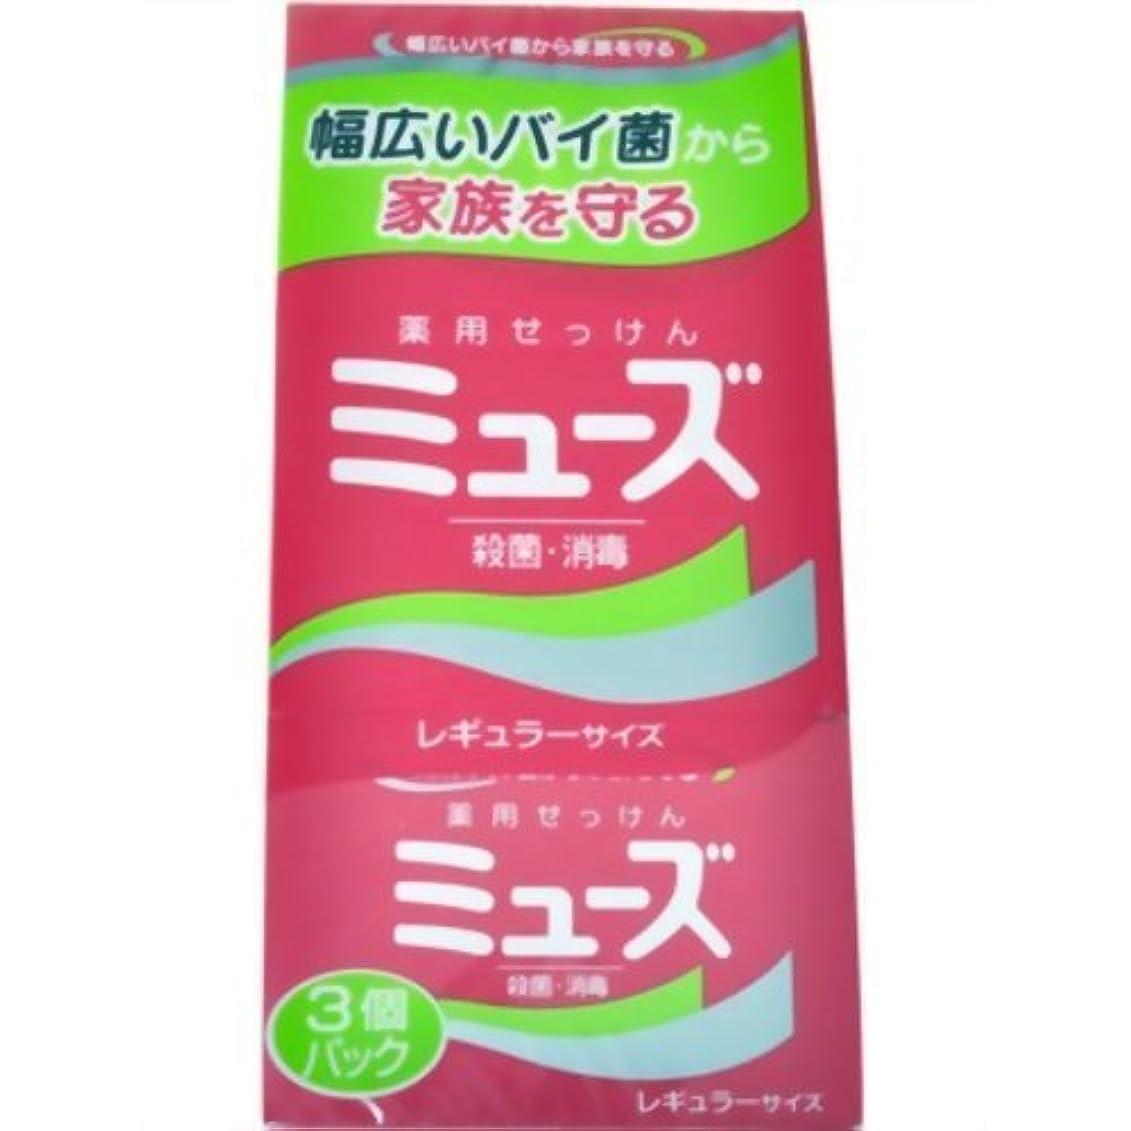 コロニアル有毒な根拠ミューズ石鹸 レギュラー 3P ×6個セット